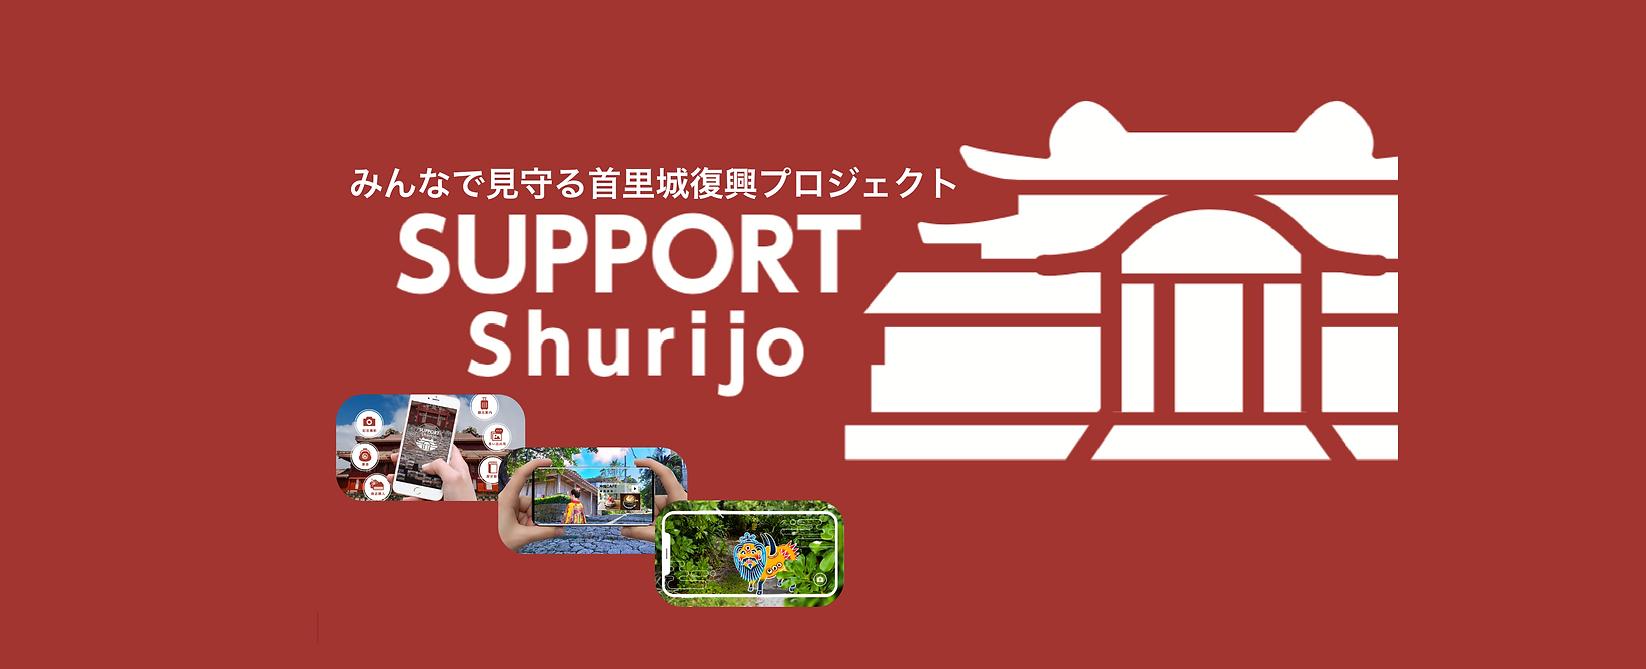 SUPPORT Shurijo(サポシュリ)